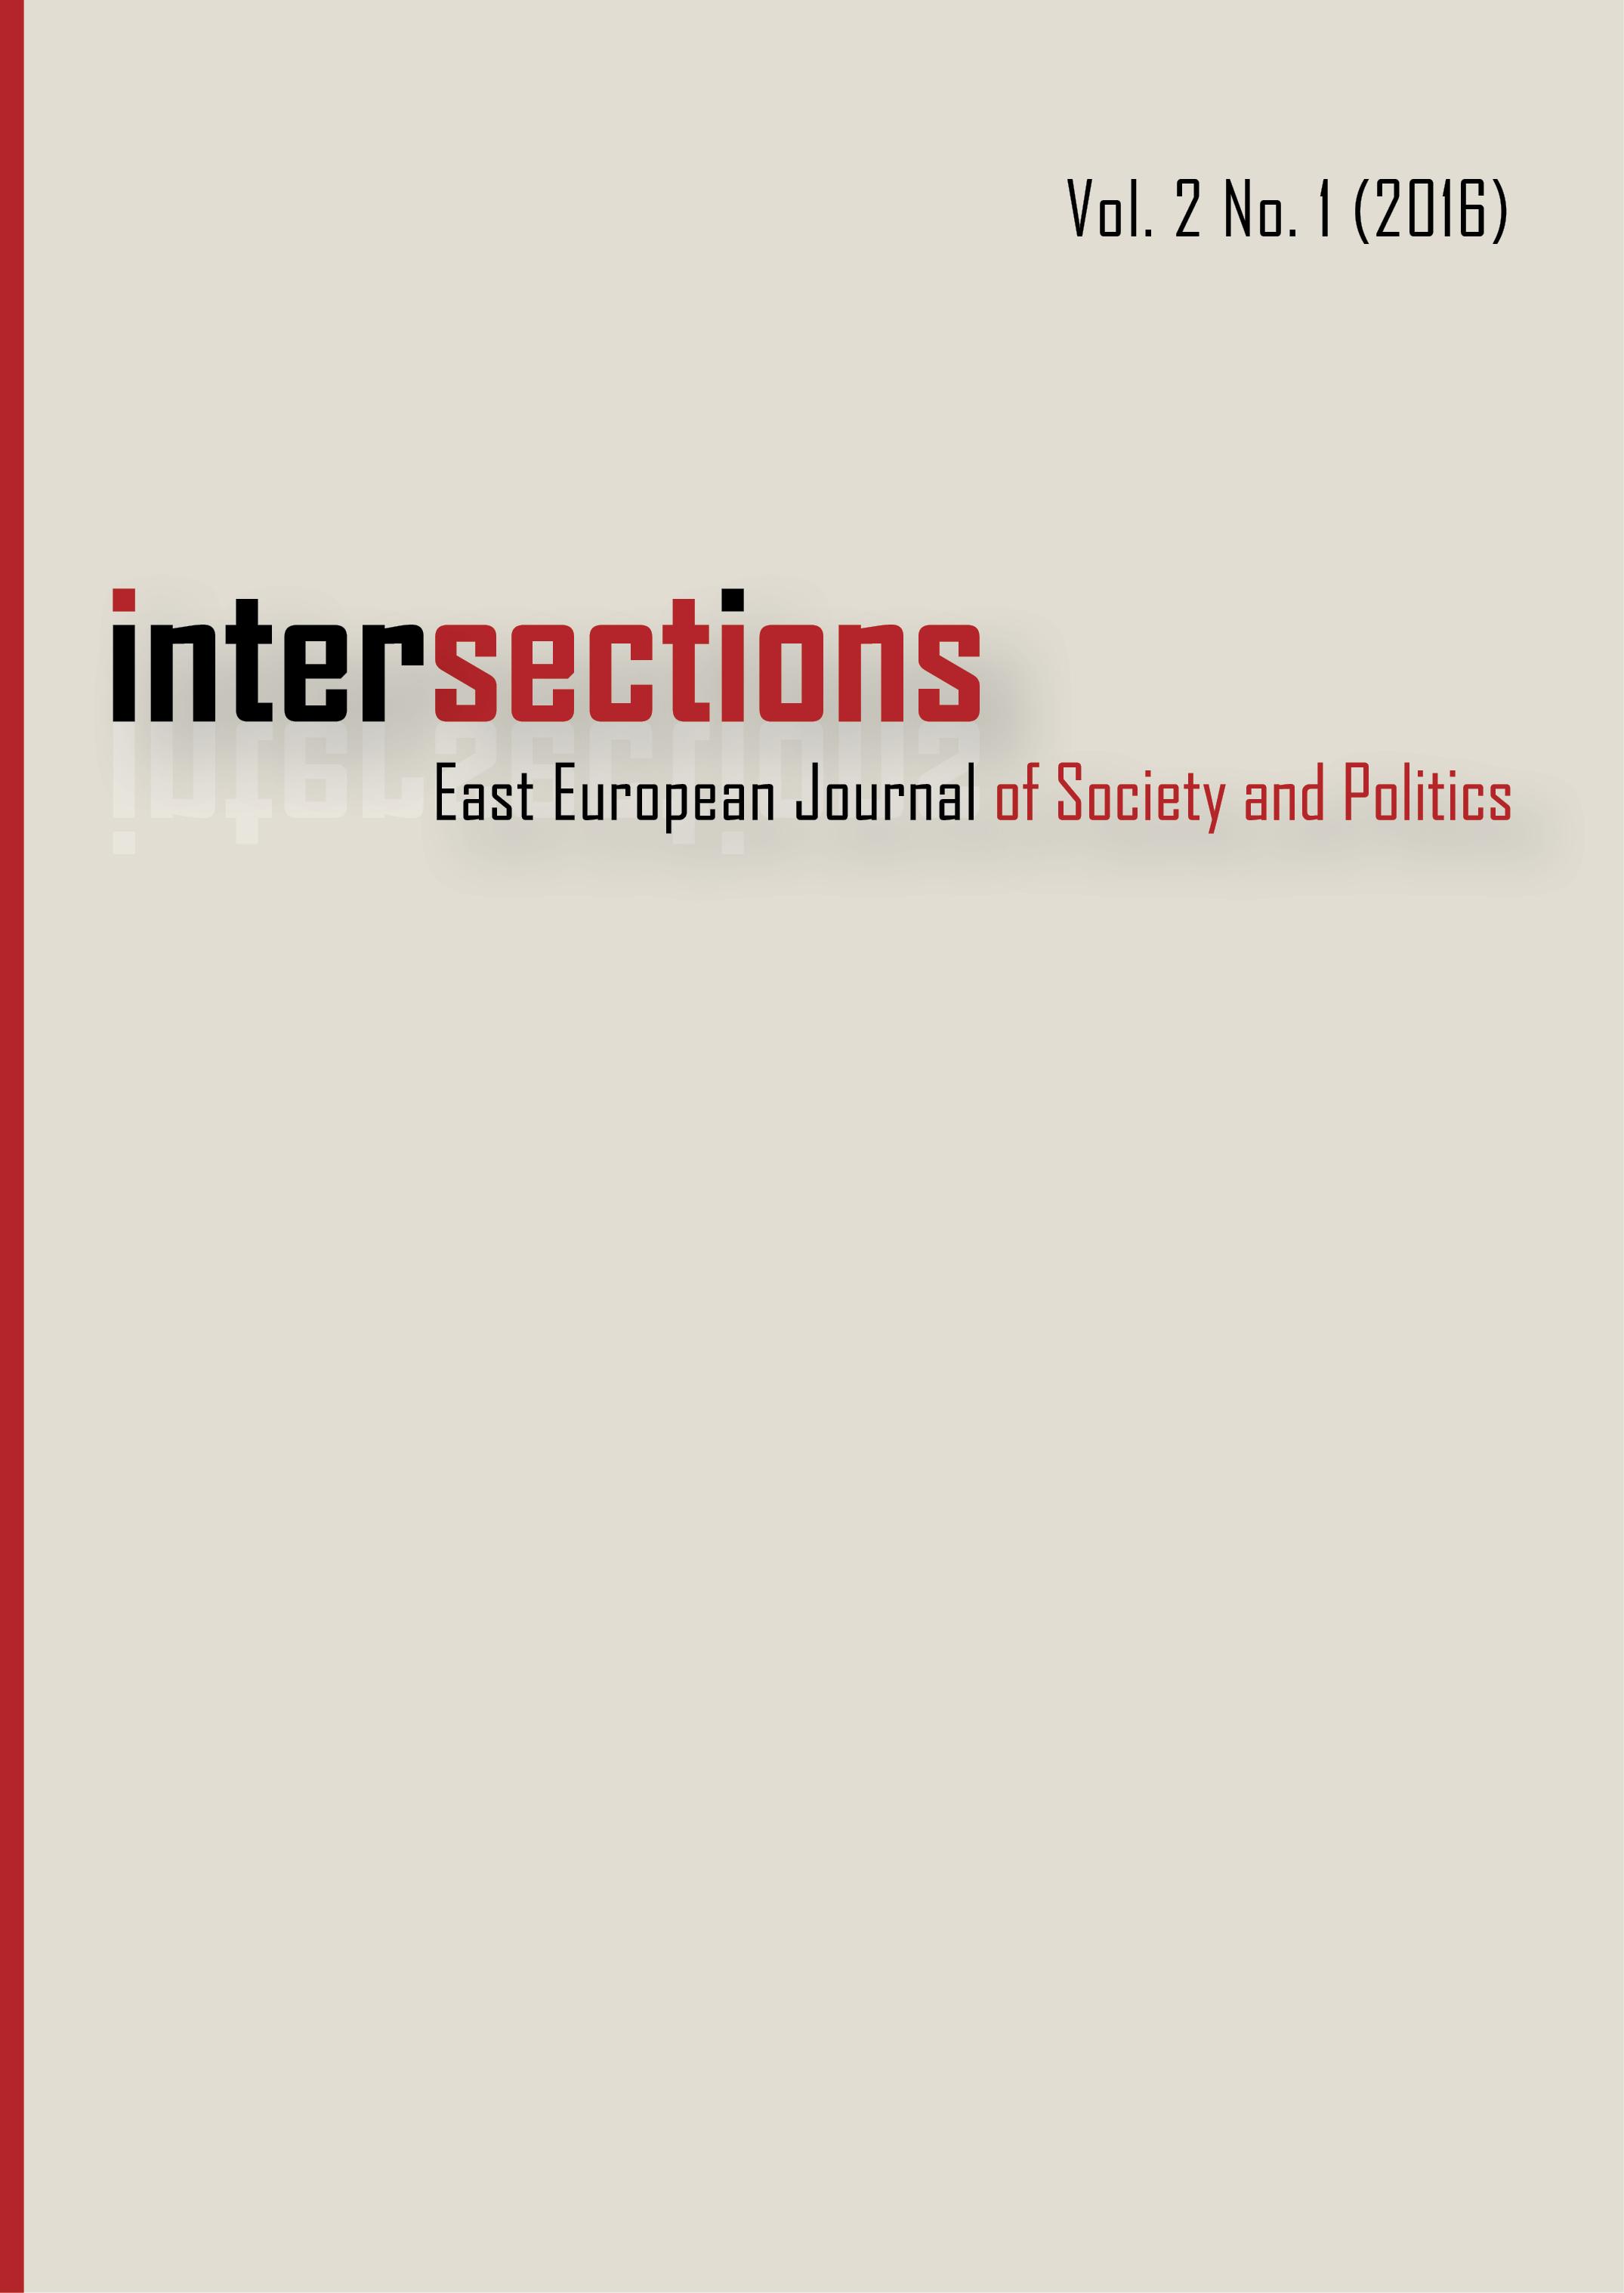 View Vol. 2 No. 1 (2016): General Articles